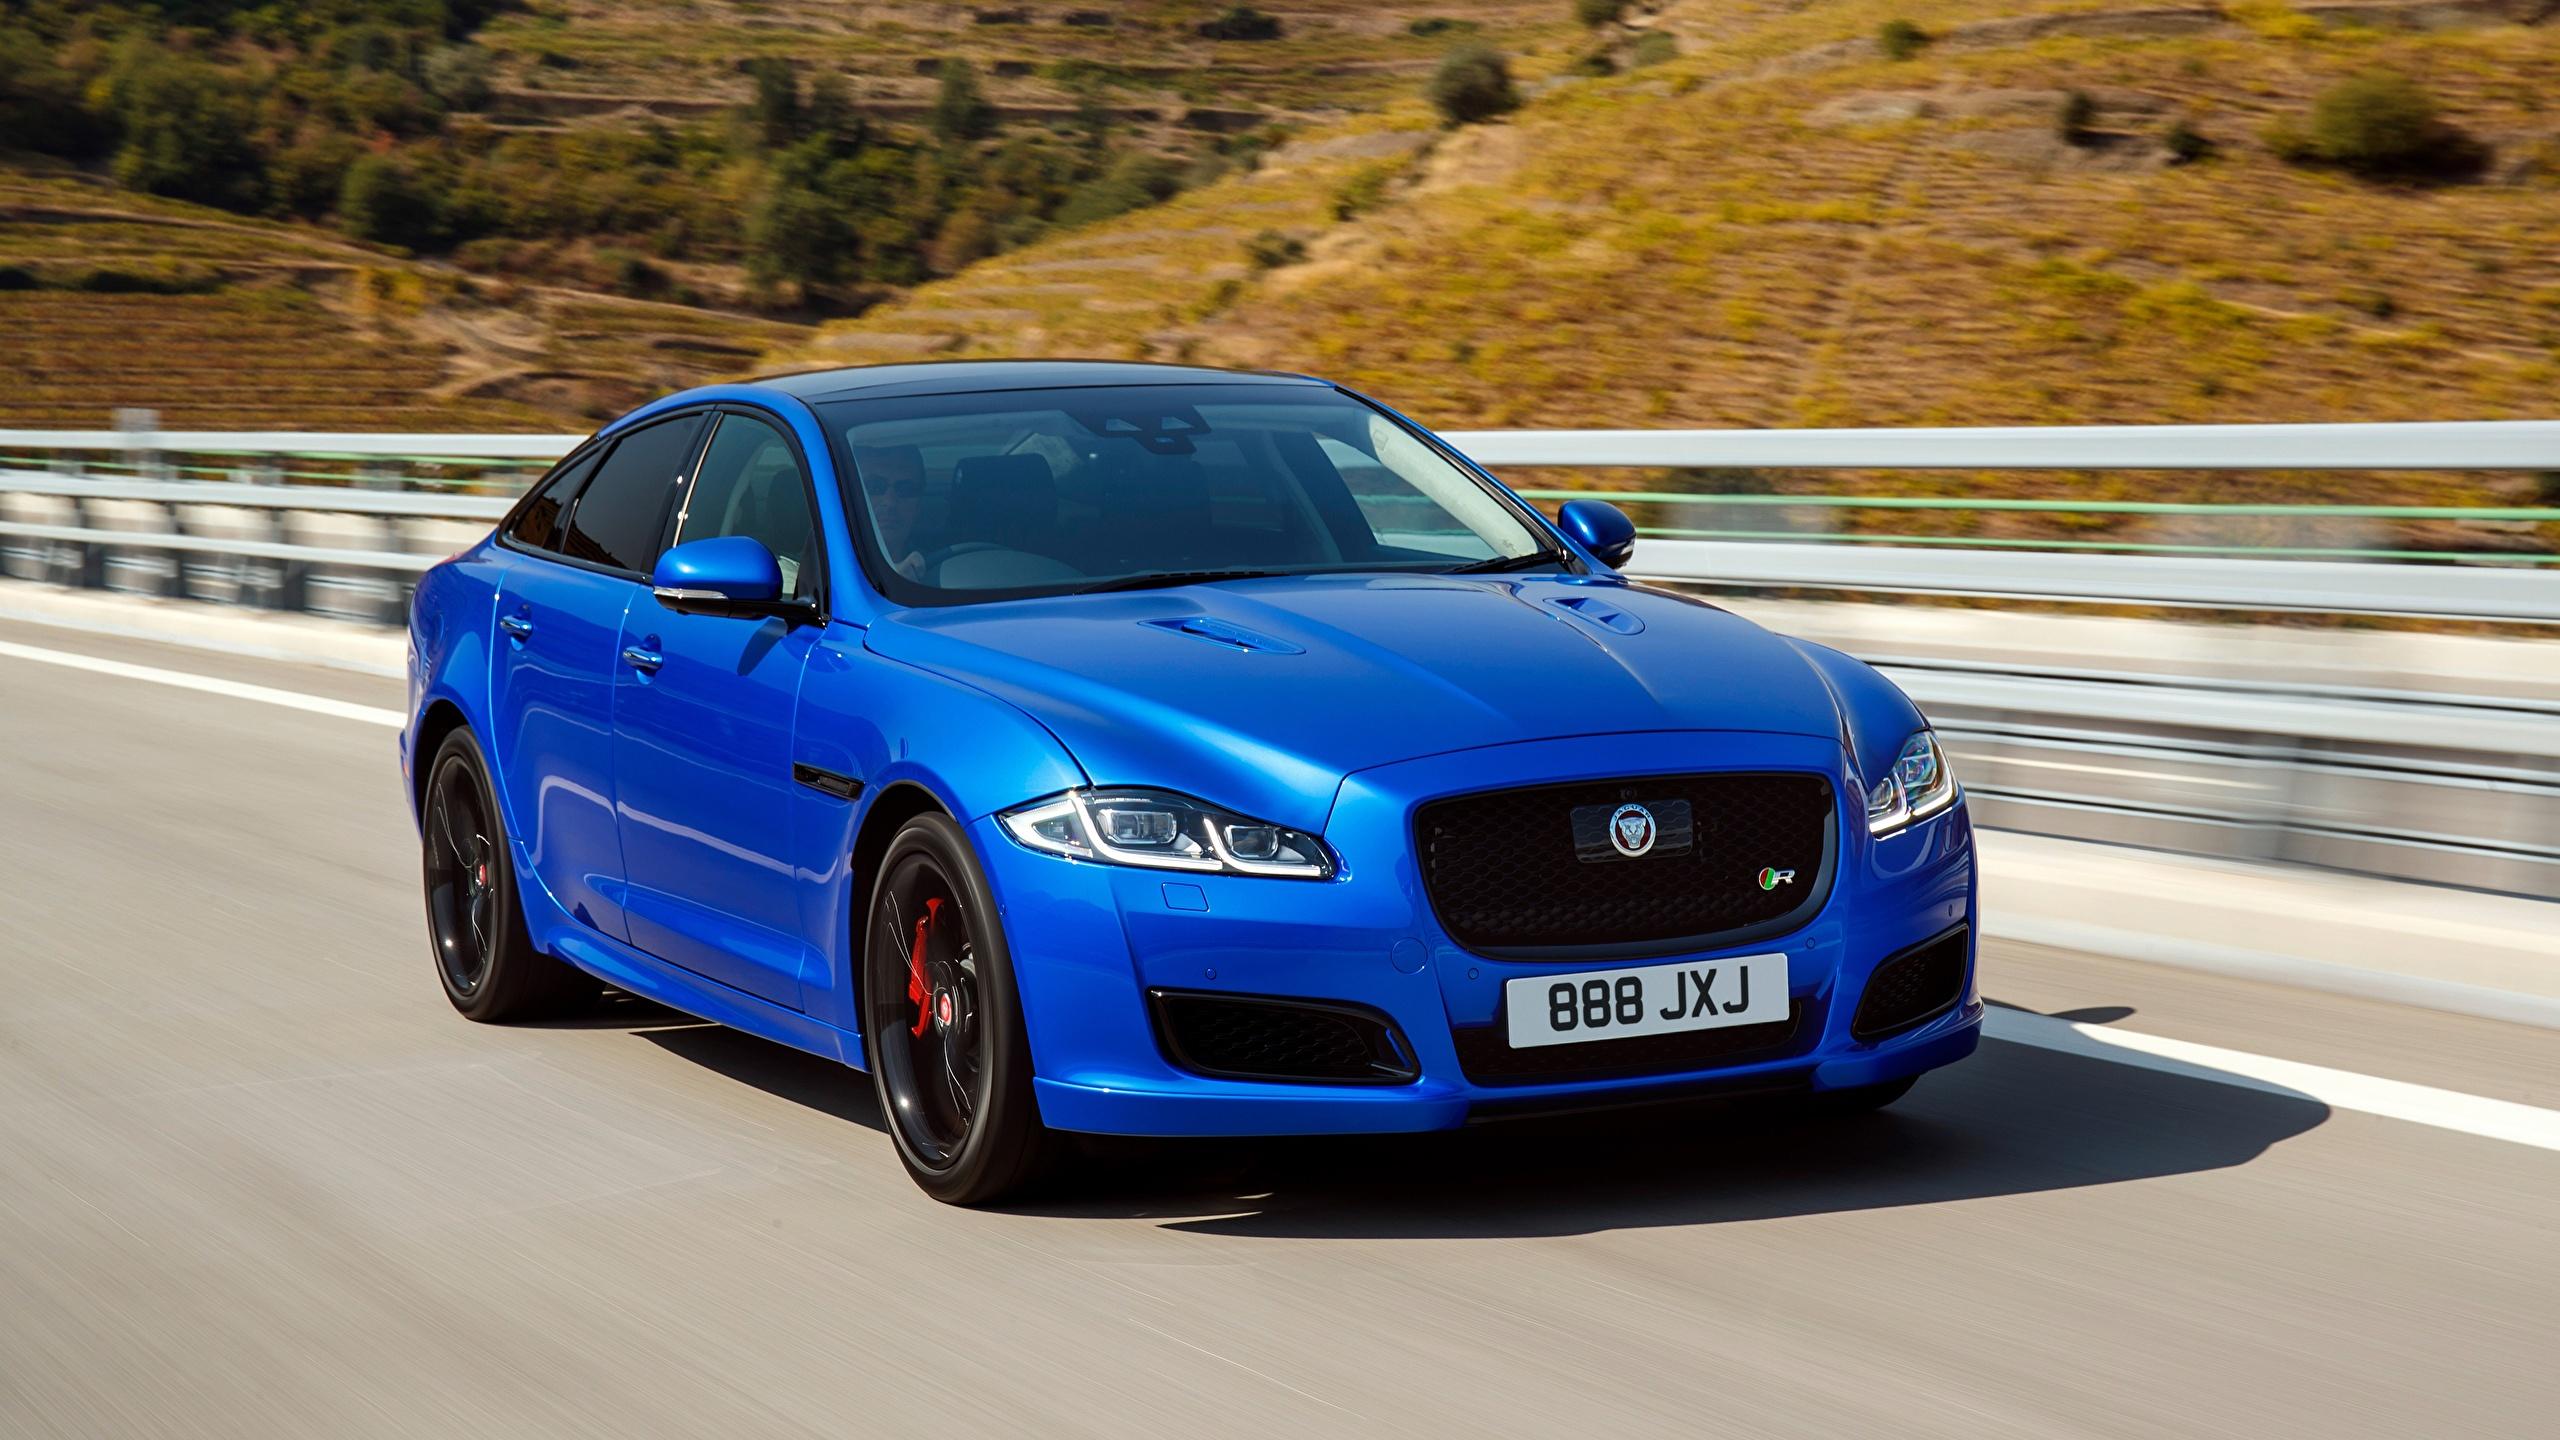 Fotos von Jaguar unscharfer Hintergrund Limousine Blau fahrendes auto 2560x1440 Bokeh fährt fahren Bewegung Geschwindigkeit Autos automobil